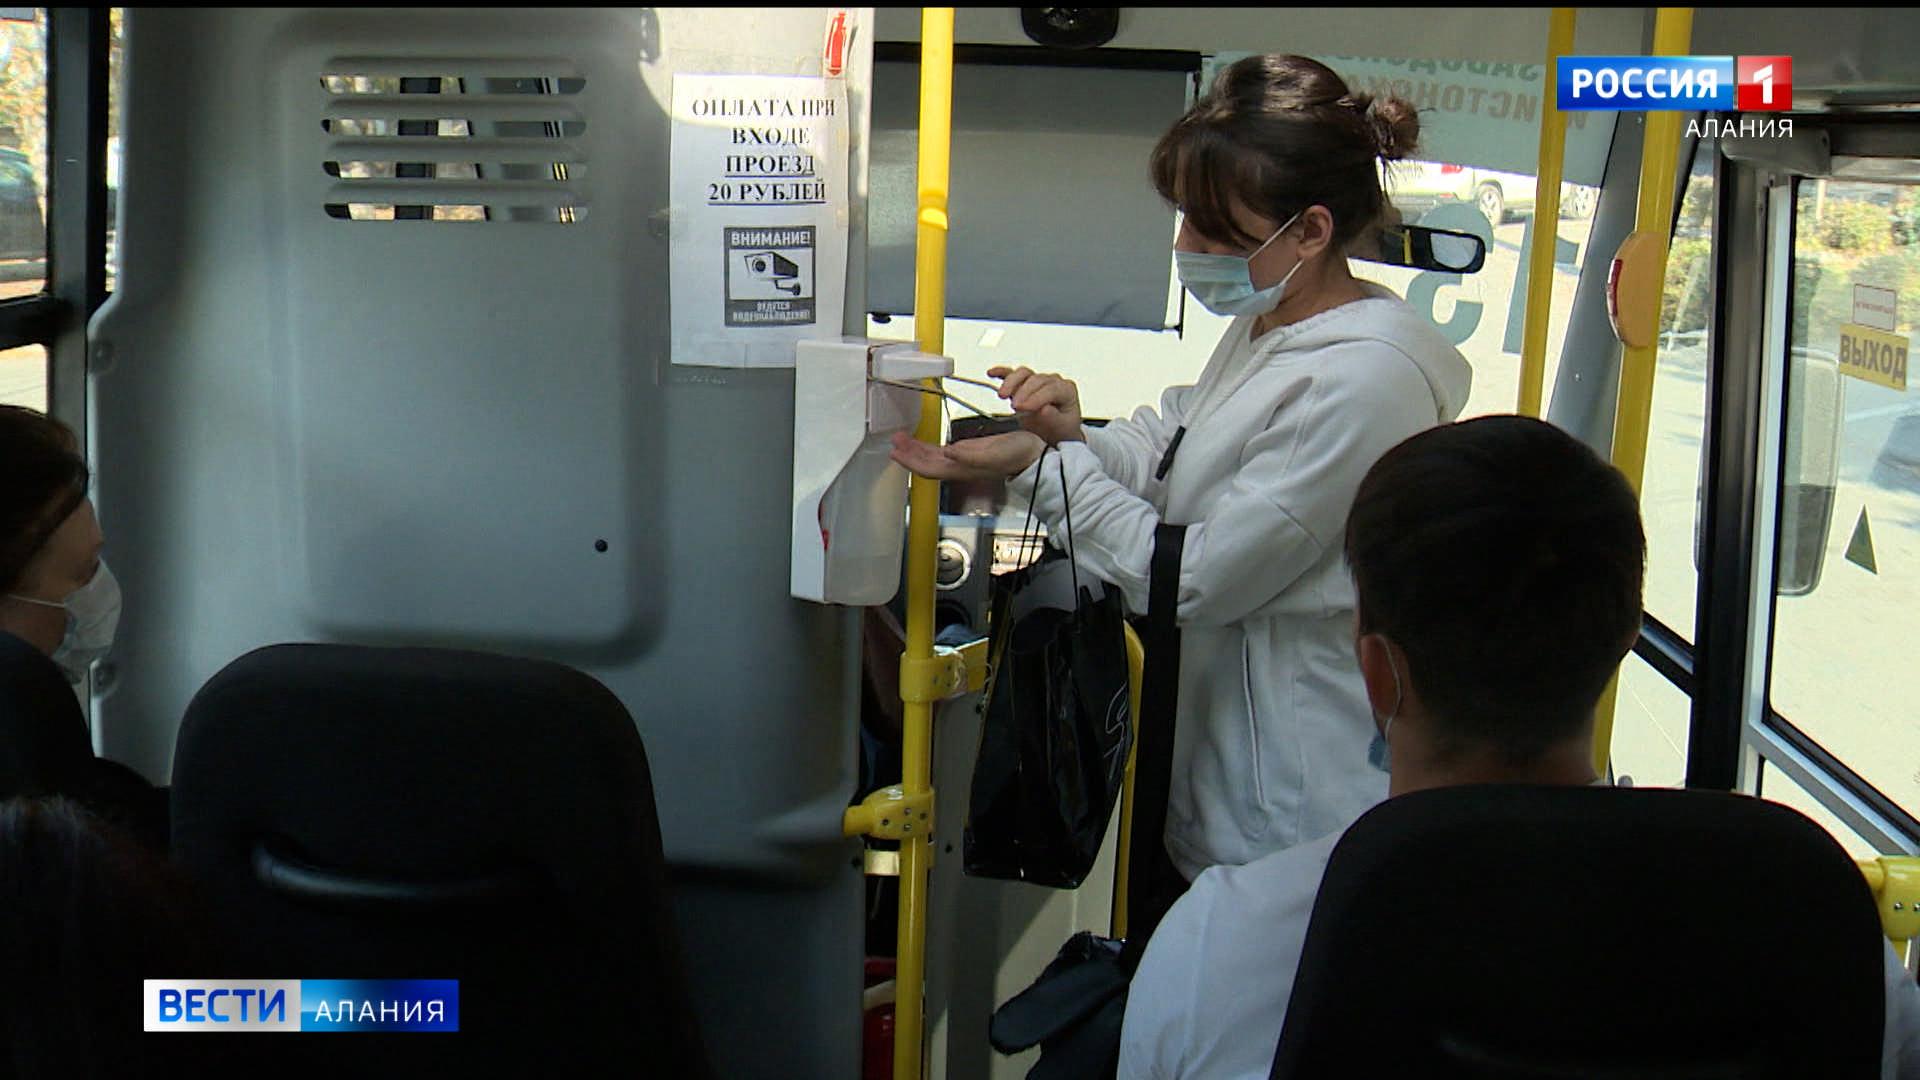 Во Владикавказе прошел рейд по соблюдению рекомендаций Роспотребнадзора в общественном транспорте